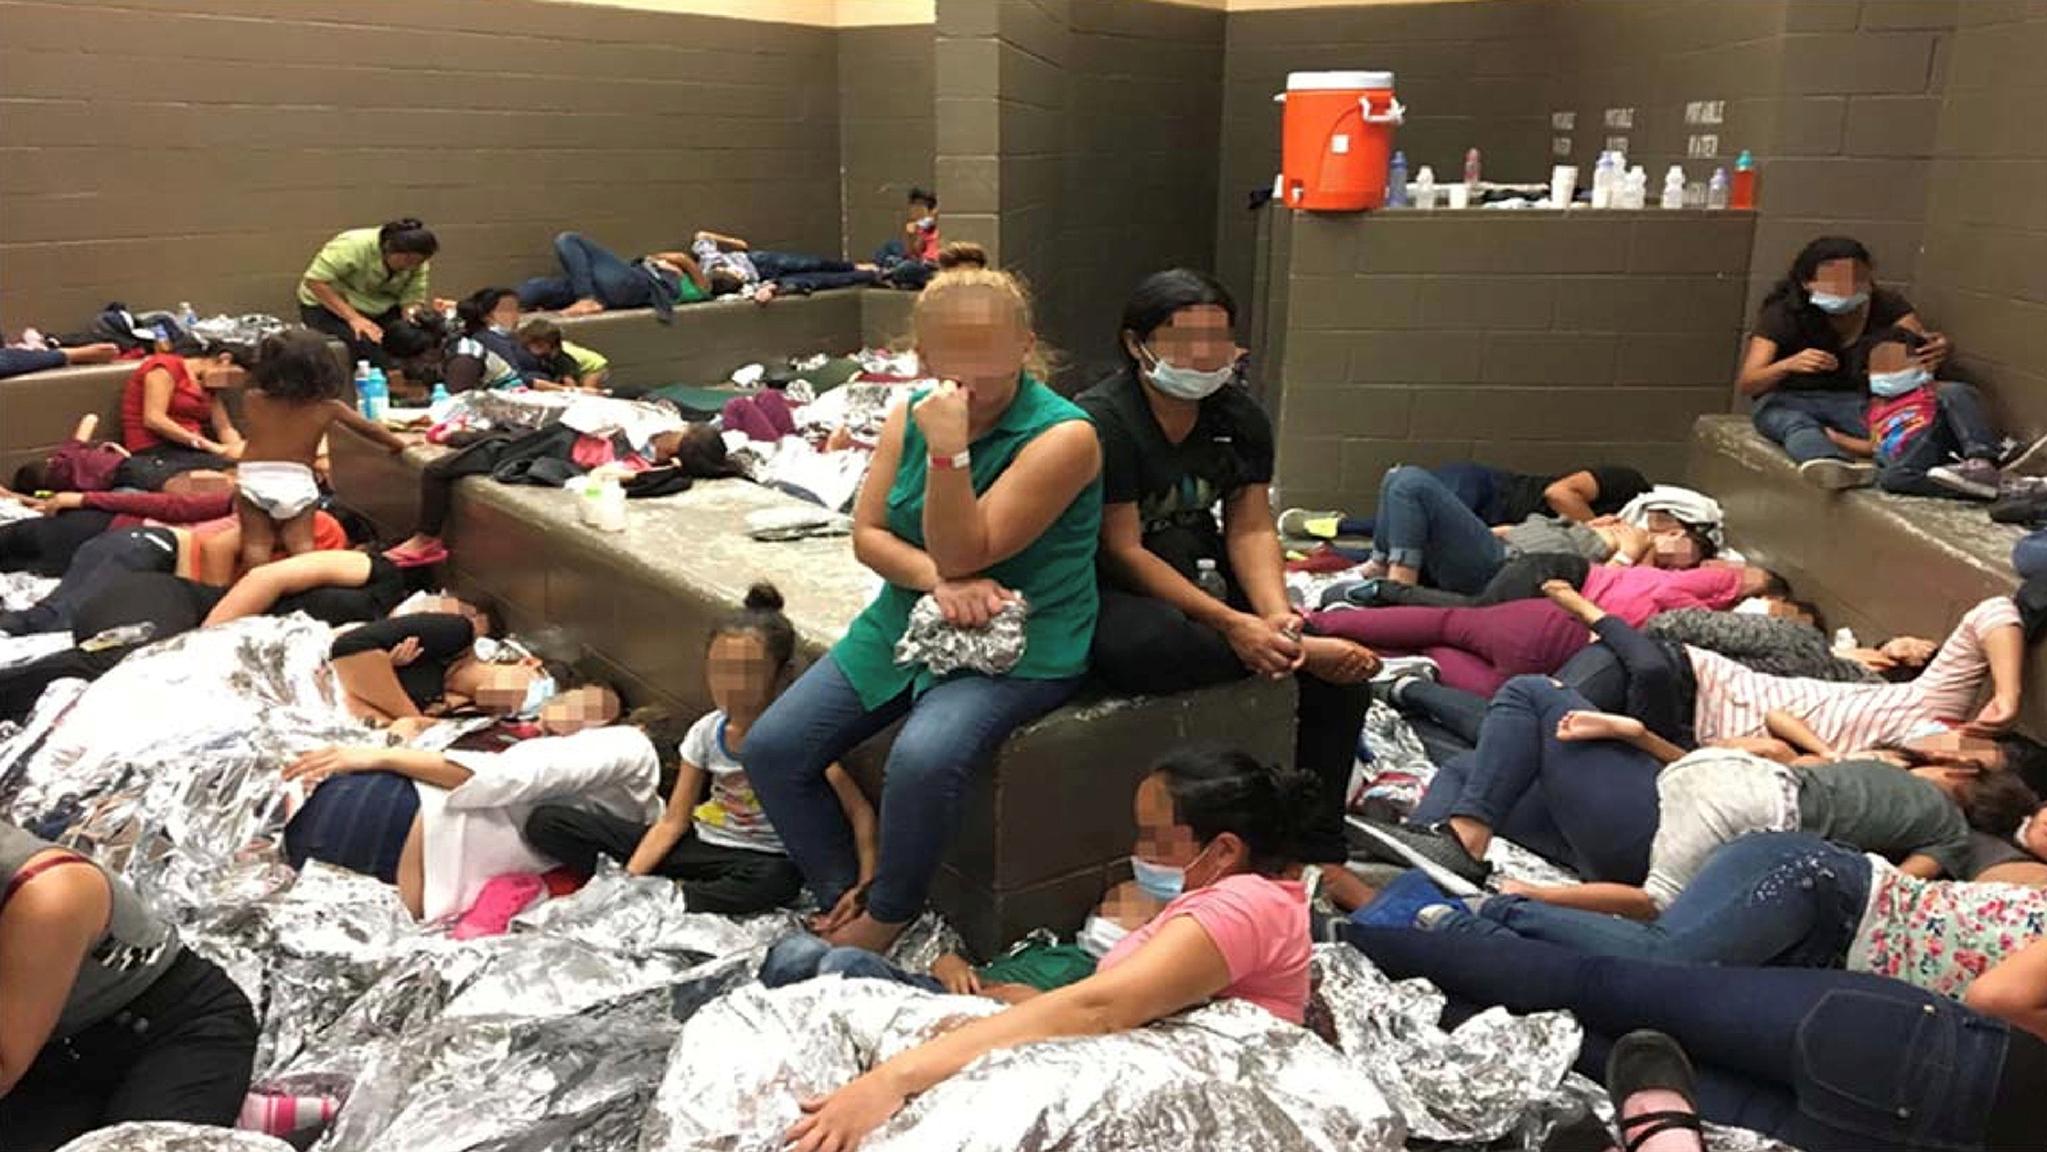 미국 국토안보부 감사관실의 보고서에서 공개된 지난 6월 11일 미국 텍사스 주 웨슬레코의 구금시설 내부가 이민자들로 빼곡하다. 아이 어른 할 것없이 뒤섞인 이민자들이 협소한 공간안에서 휴식을 취하고 있다. [로이터=연합뉴스]